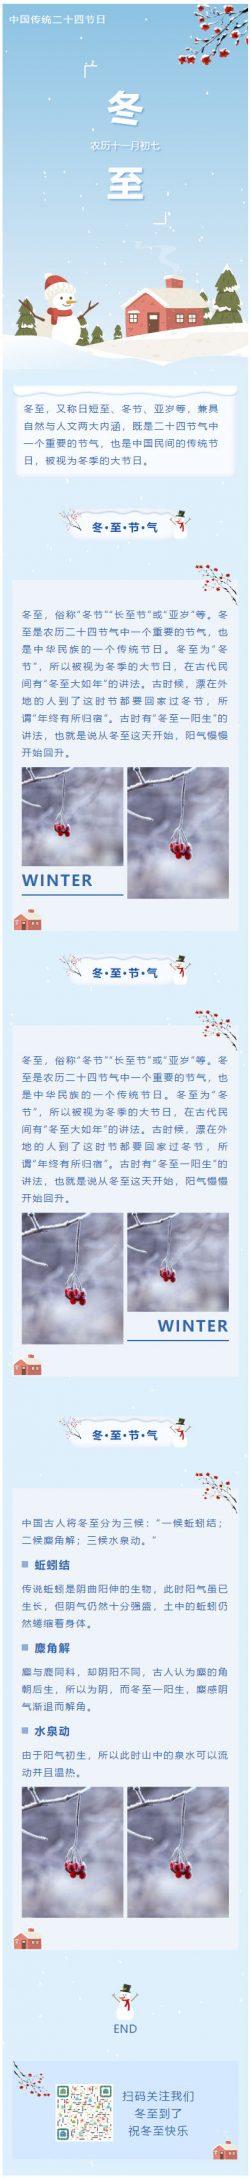 冬至中国传统二十四节日